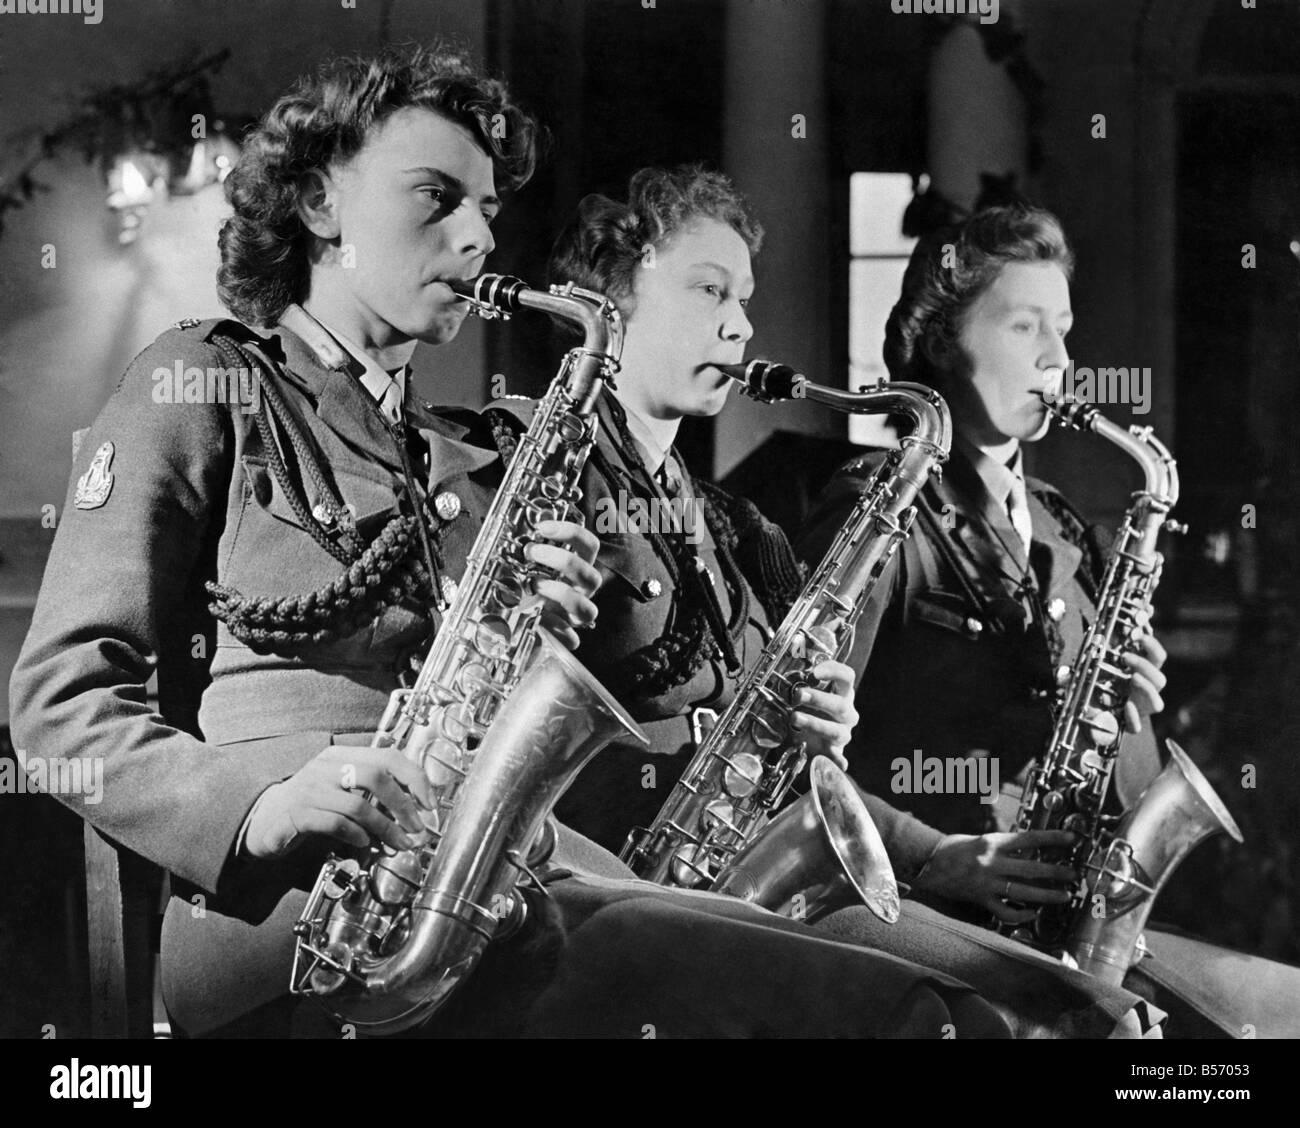 II Guerra mondiale delle donne. Tre volte il sax. Tre giocatori Sax dal ATS dance band visto qui eseguendo. Gennaio Immagini Stock